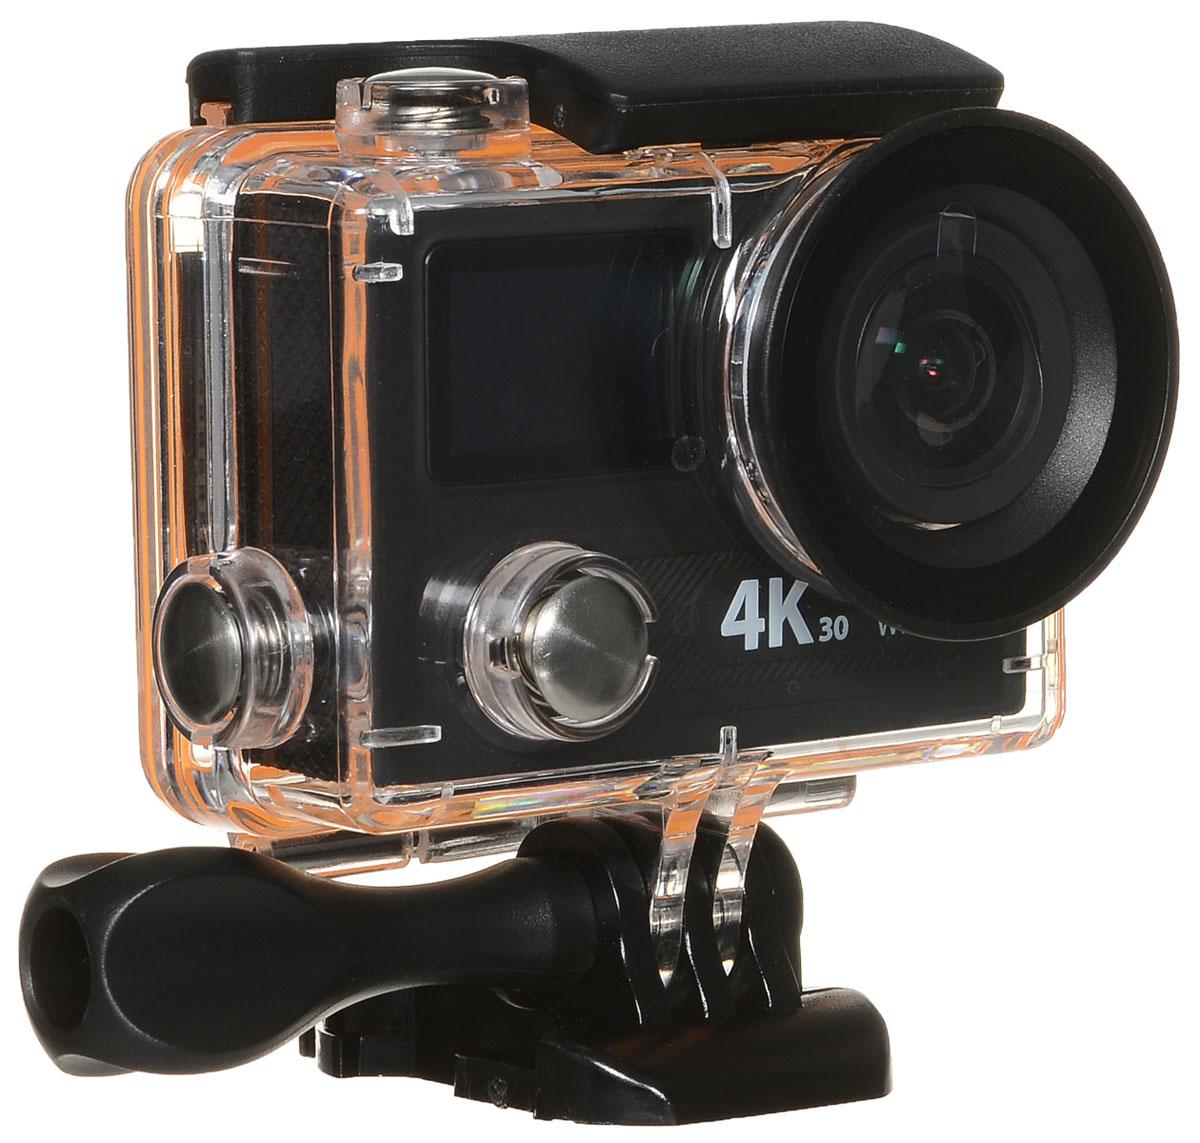 Eken H8R Ultra HD, Black экшн-камераH8RЭкшн-камера Eken H8R Ultra HD позволяет записывать видео с разрешением 4К и очень плавным изображением до 30 кадров в секунду. Камера имеет два дисплея: 2 TFT LCD основной экран и 0.95 OLED экран статуса (уровень заряда батареи, подключение к WiFi, режим съемки и длительность записи). Эта модель сделана для любителей спорта на улице, подводного плавания, скейтбординга, скай-дайвинга, скалолазания, бега или охоты. Снимайте с руки, на велосипеде, в машине и где угодно. По сравнению с предыдущими версиями, в Eken H8R Ultra HD вы найдете уменьшенные размеры корпуса, увеличенный до 2-х дюймов экран, невероятную оптику и фантастическое разрешение изображения при съемке 30 кадров в секунду! Управляйте вашей H8R на своем смартфоне или планшете. Приложение Ez iCam App позволяет работать с браузером и наблюдать все то, что видит ваша камера. В комплекте с камерой идет пульт ДУ работающий на частоте 2,4 Ггц. Он позволяет начинать и заканчивать съемку удаленно.